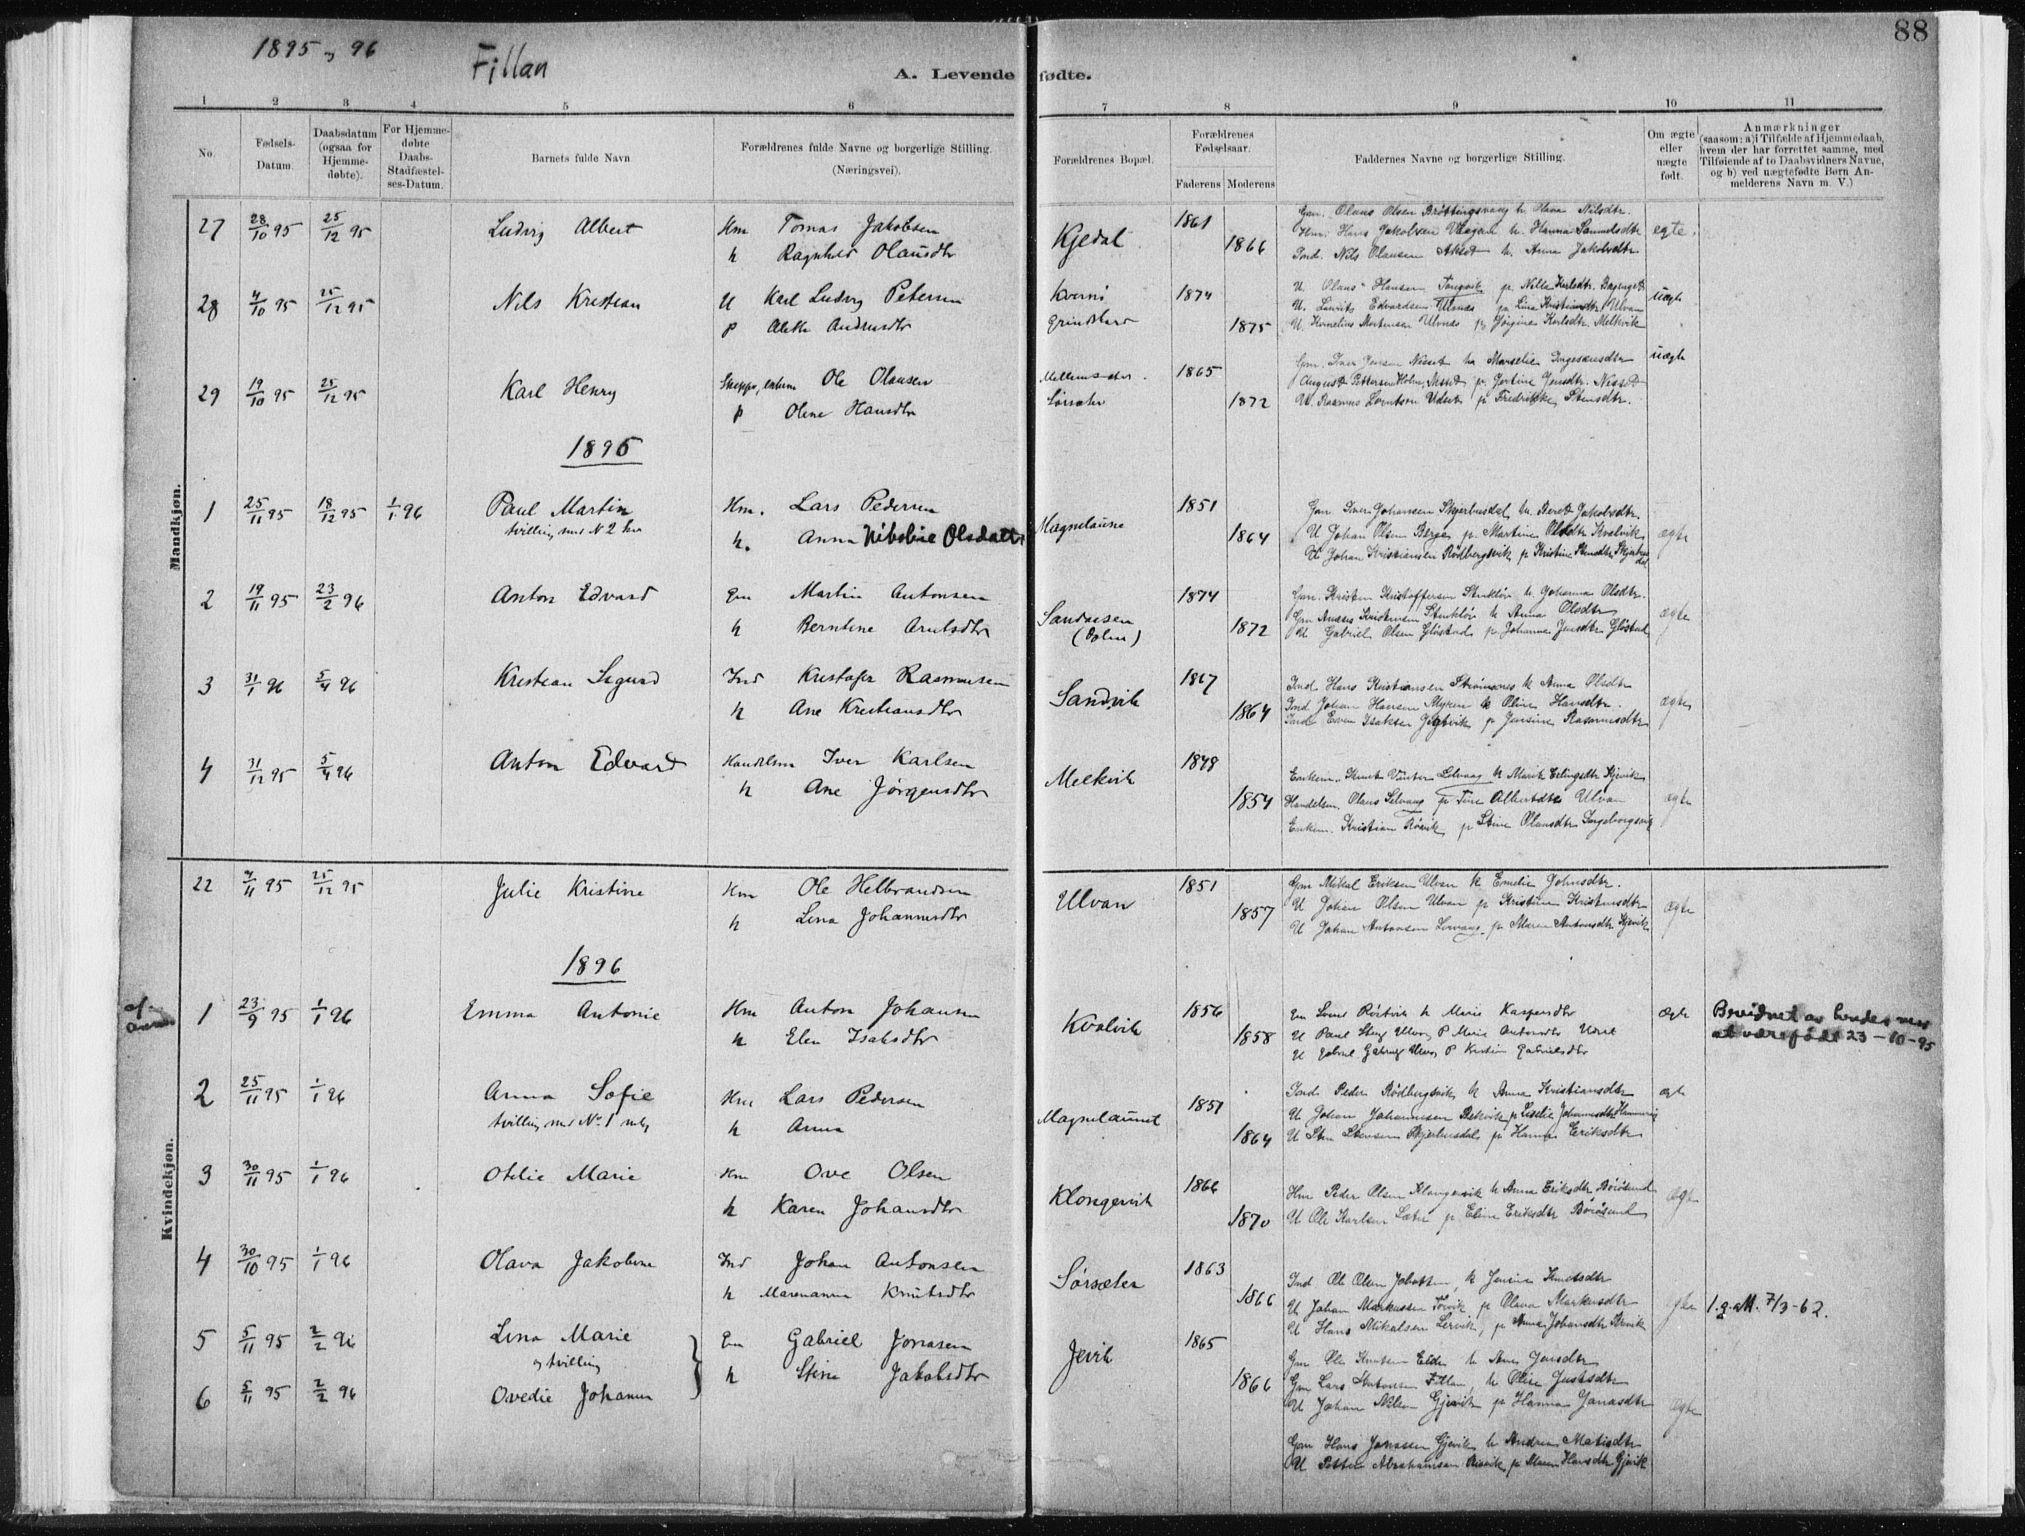 SAT, Ministerialprotokoller, klokkerbøker og fødselsregistre - Sør-Trøndelag, 637/L0558: Ministerialbok nr. 637A01, 1882-1899, s. 88